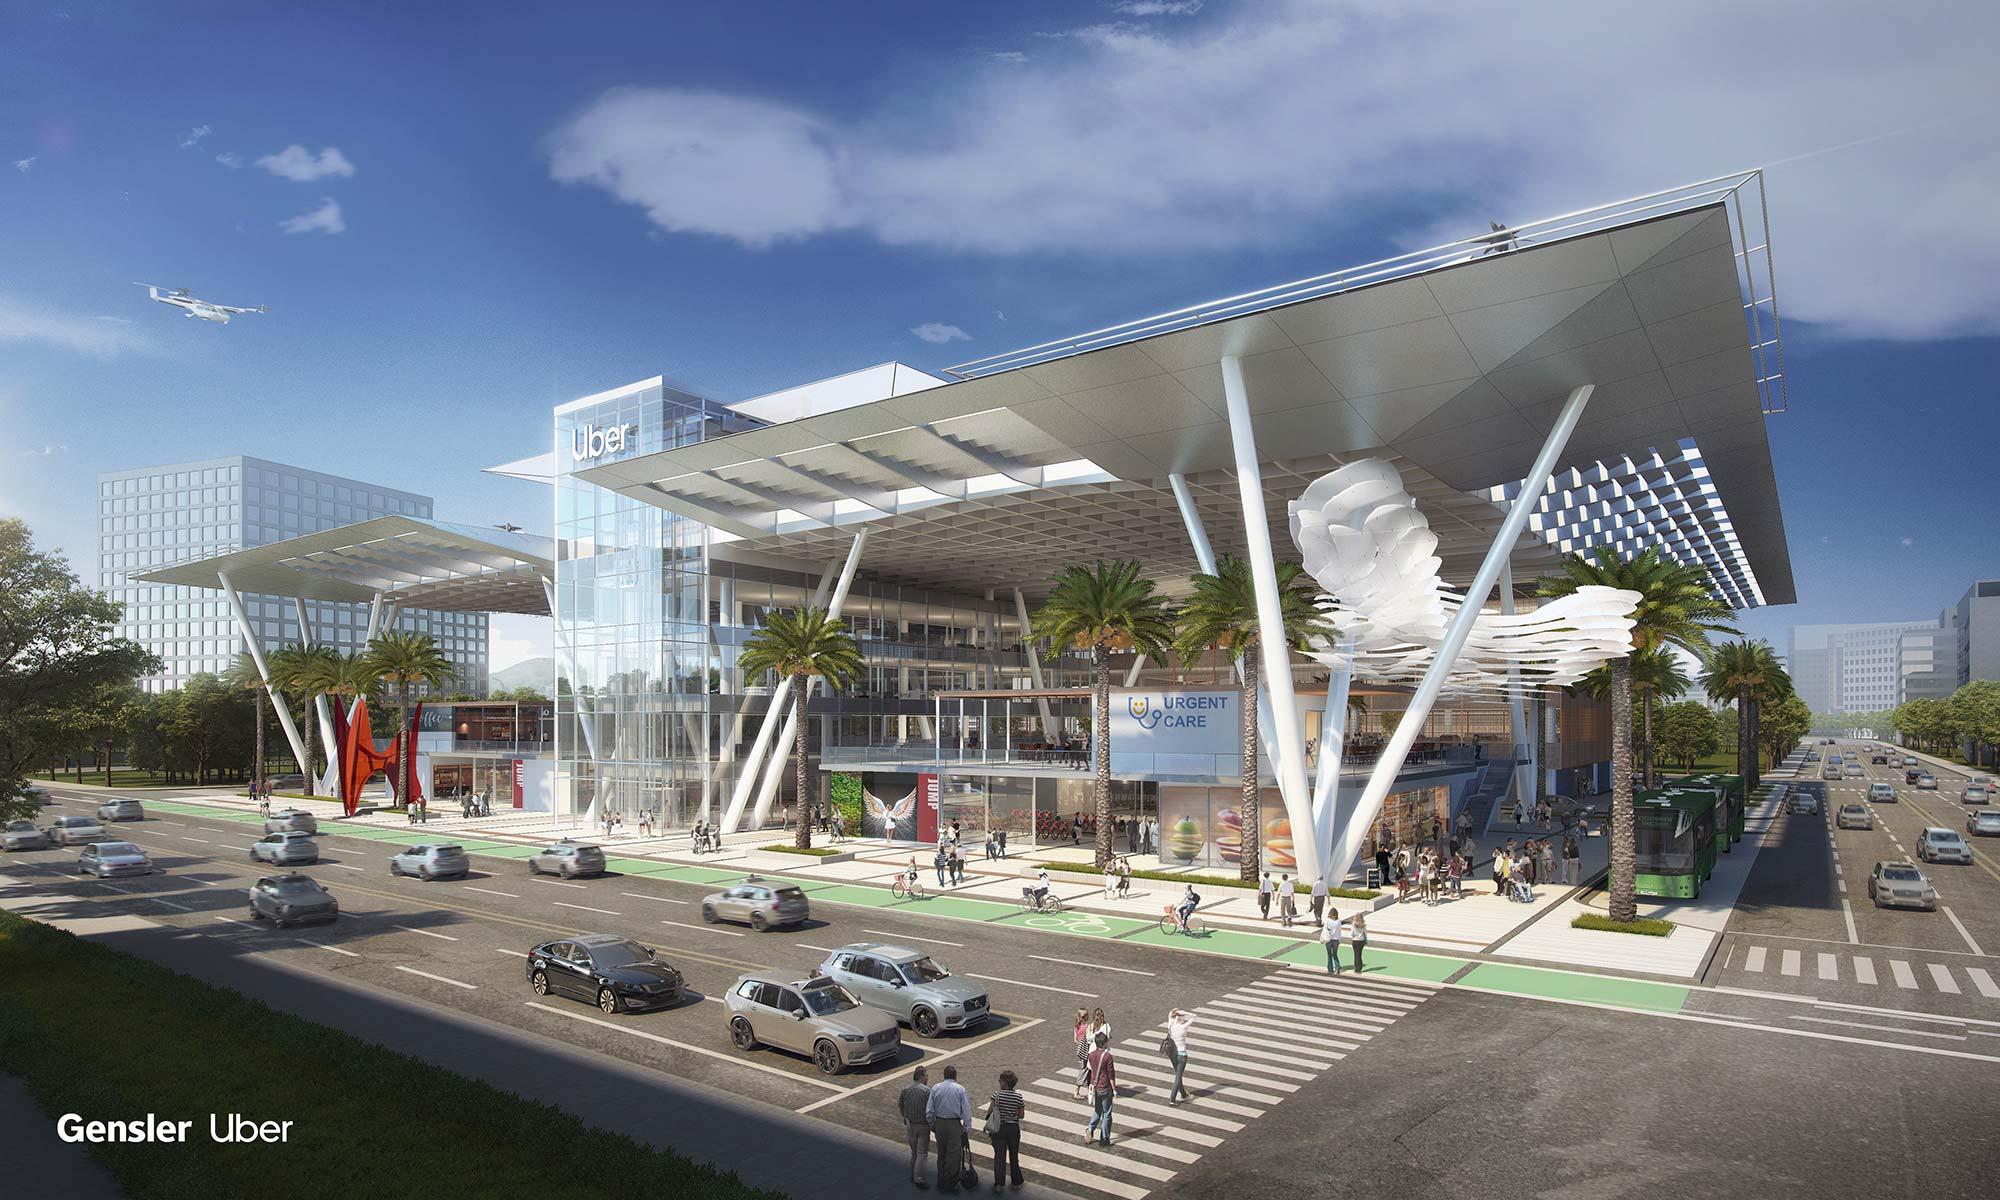 CitySpace: Gensler's Uber Elevate Skyport Concept Reimagines the